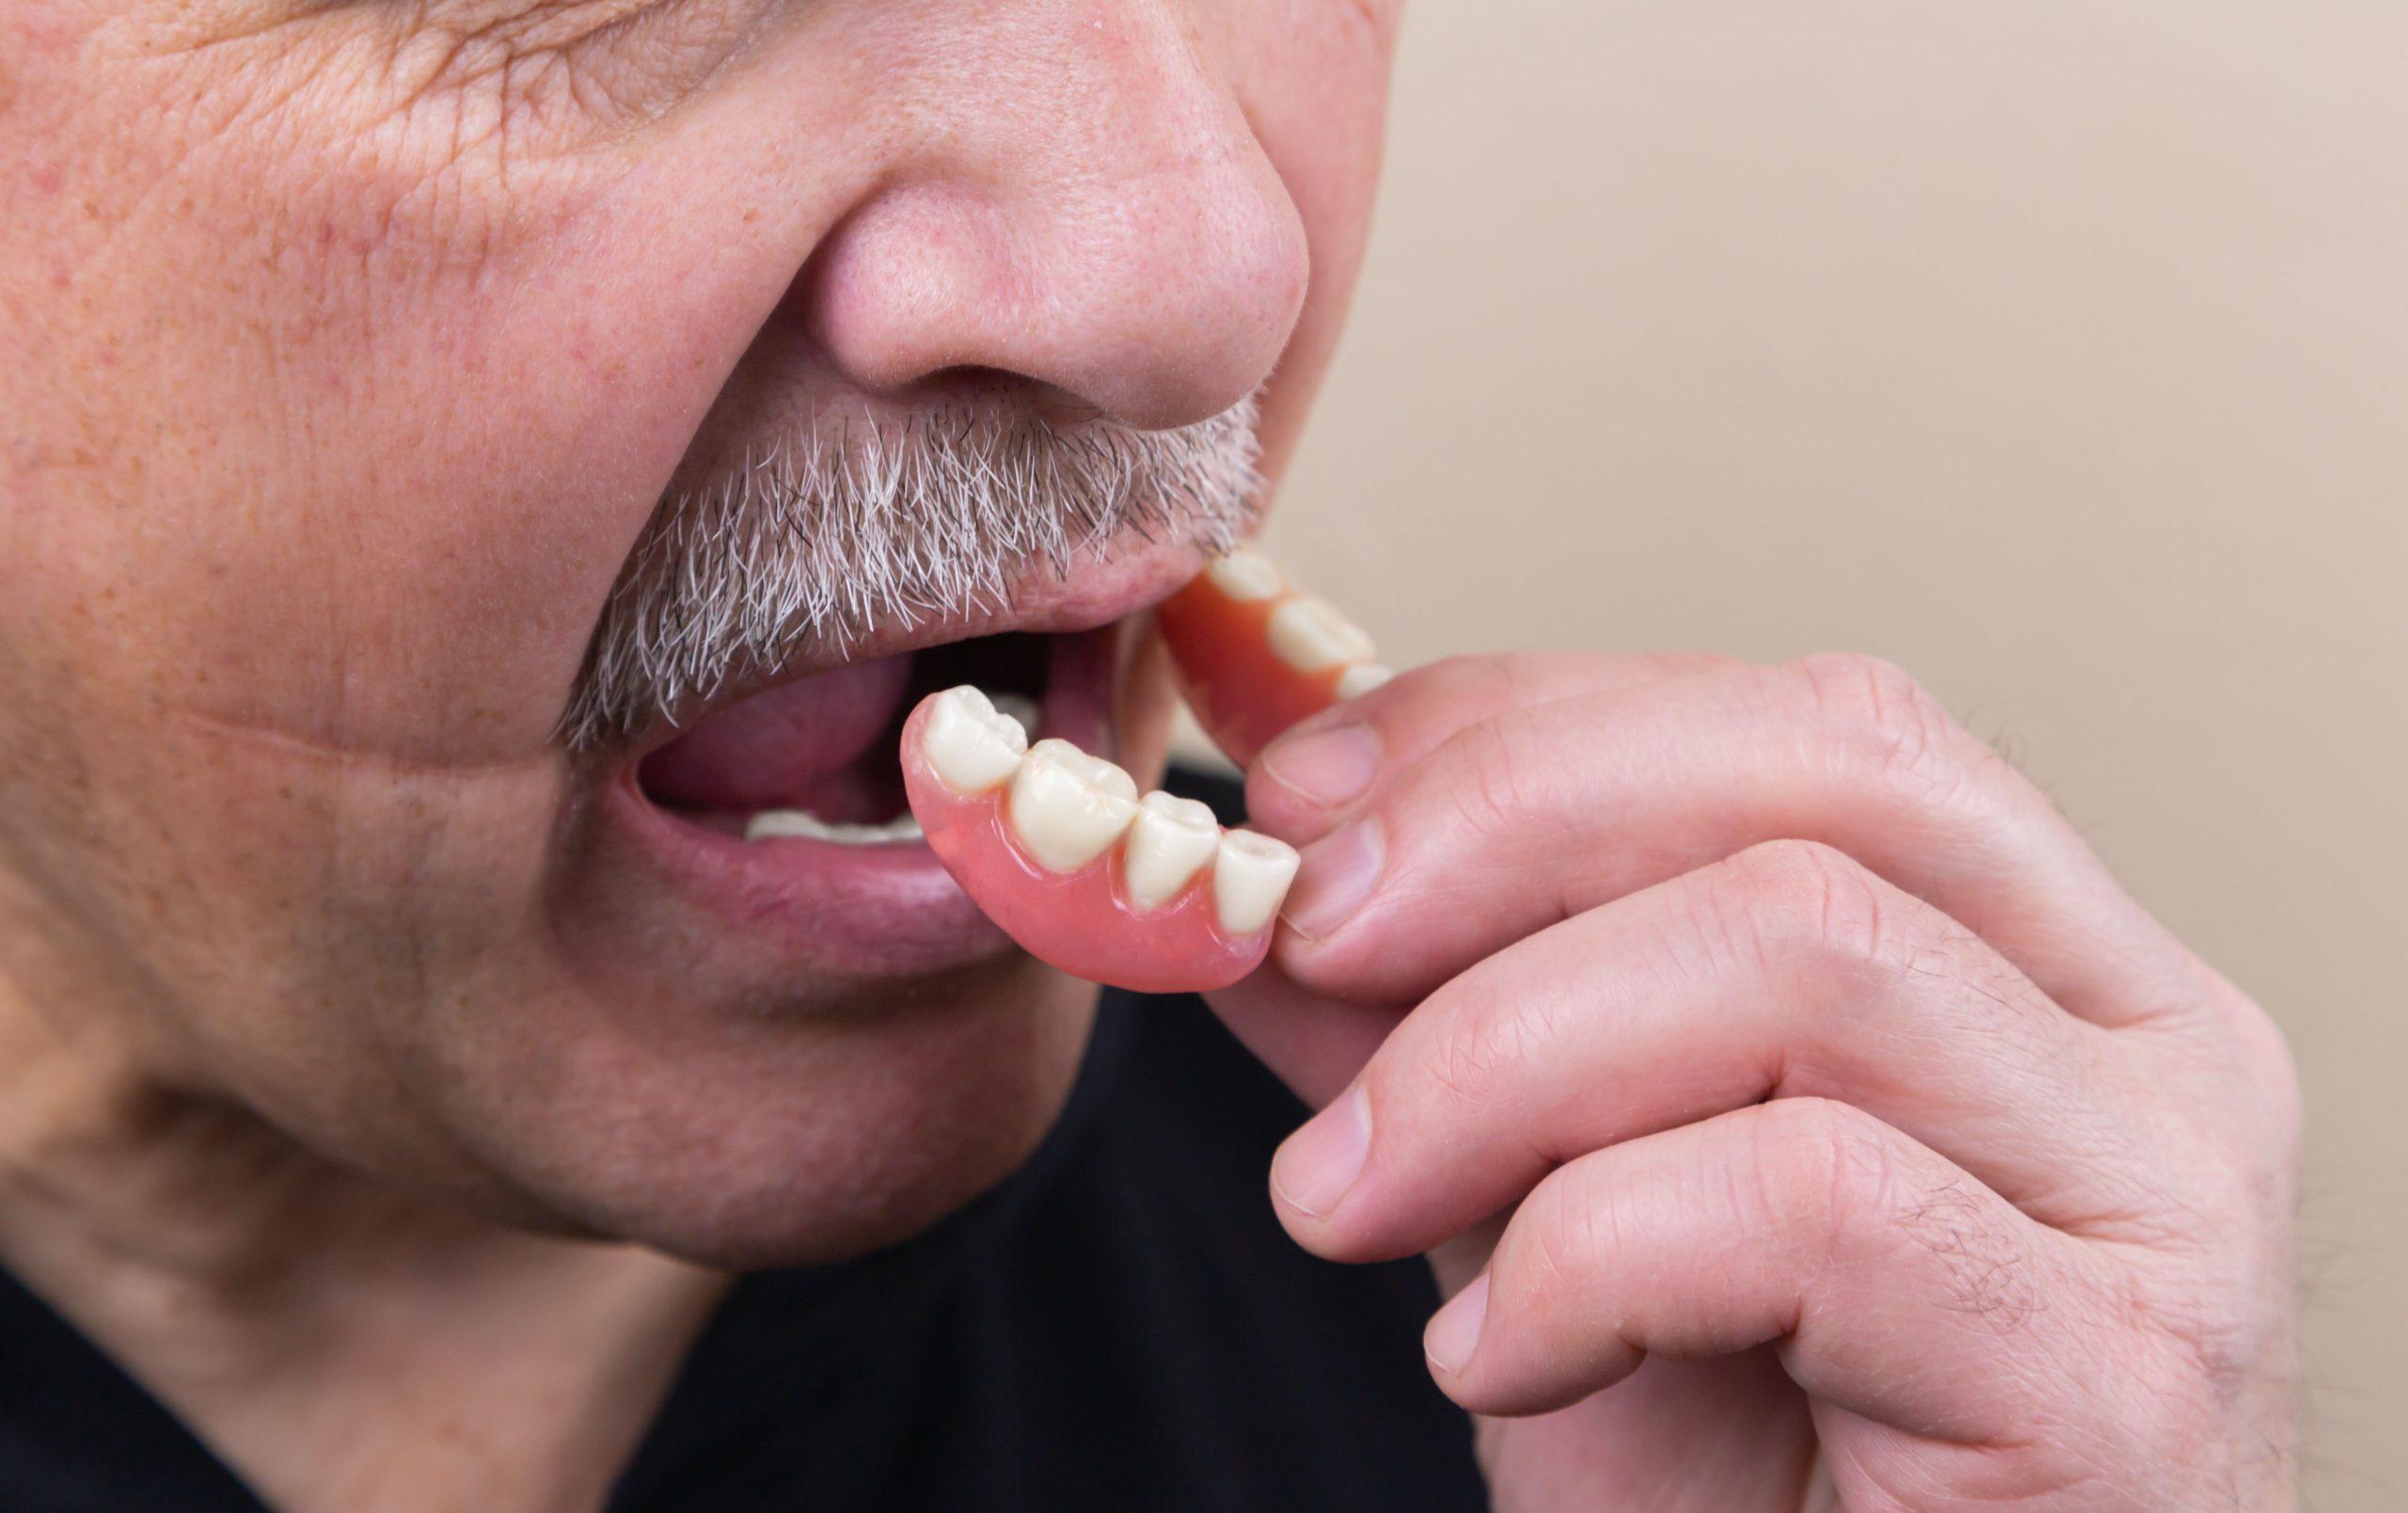 使用活動假牙容易鬆脫、進食困難。